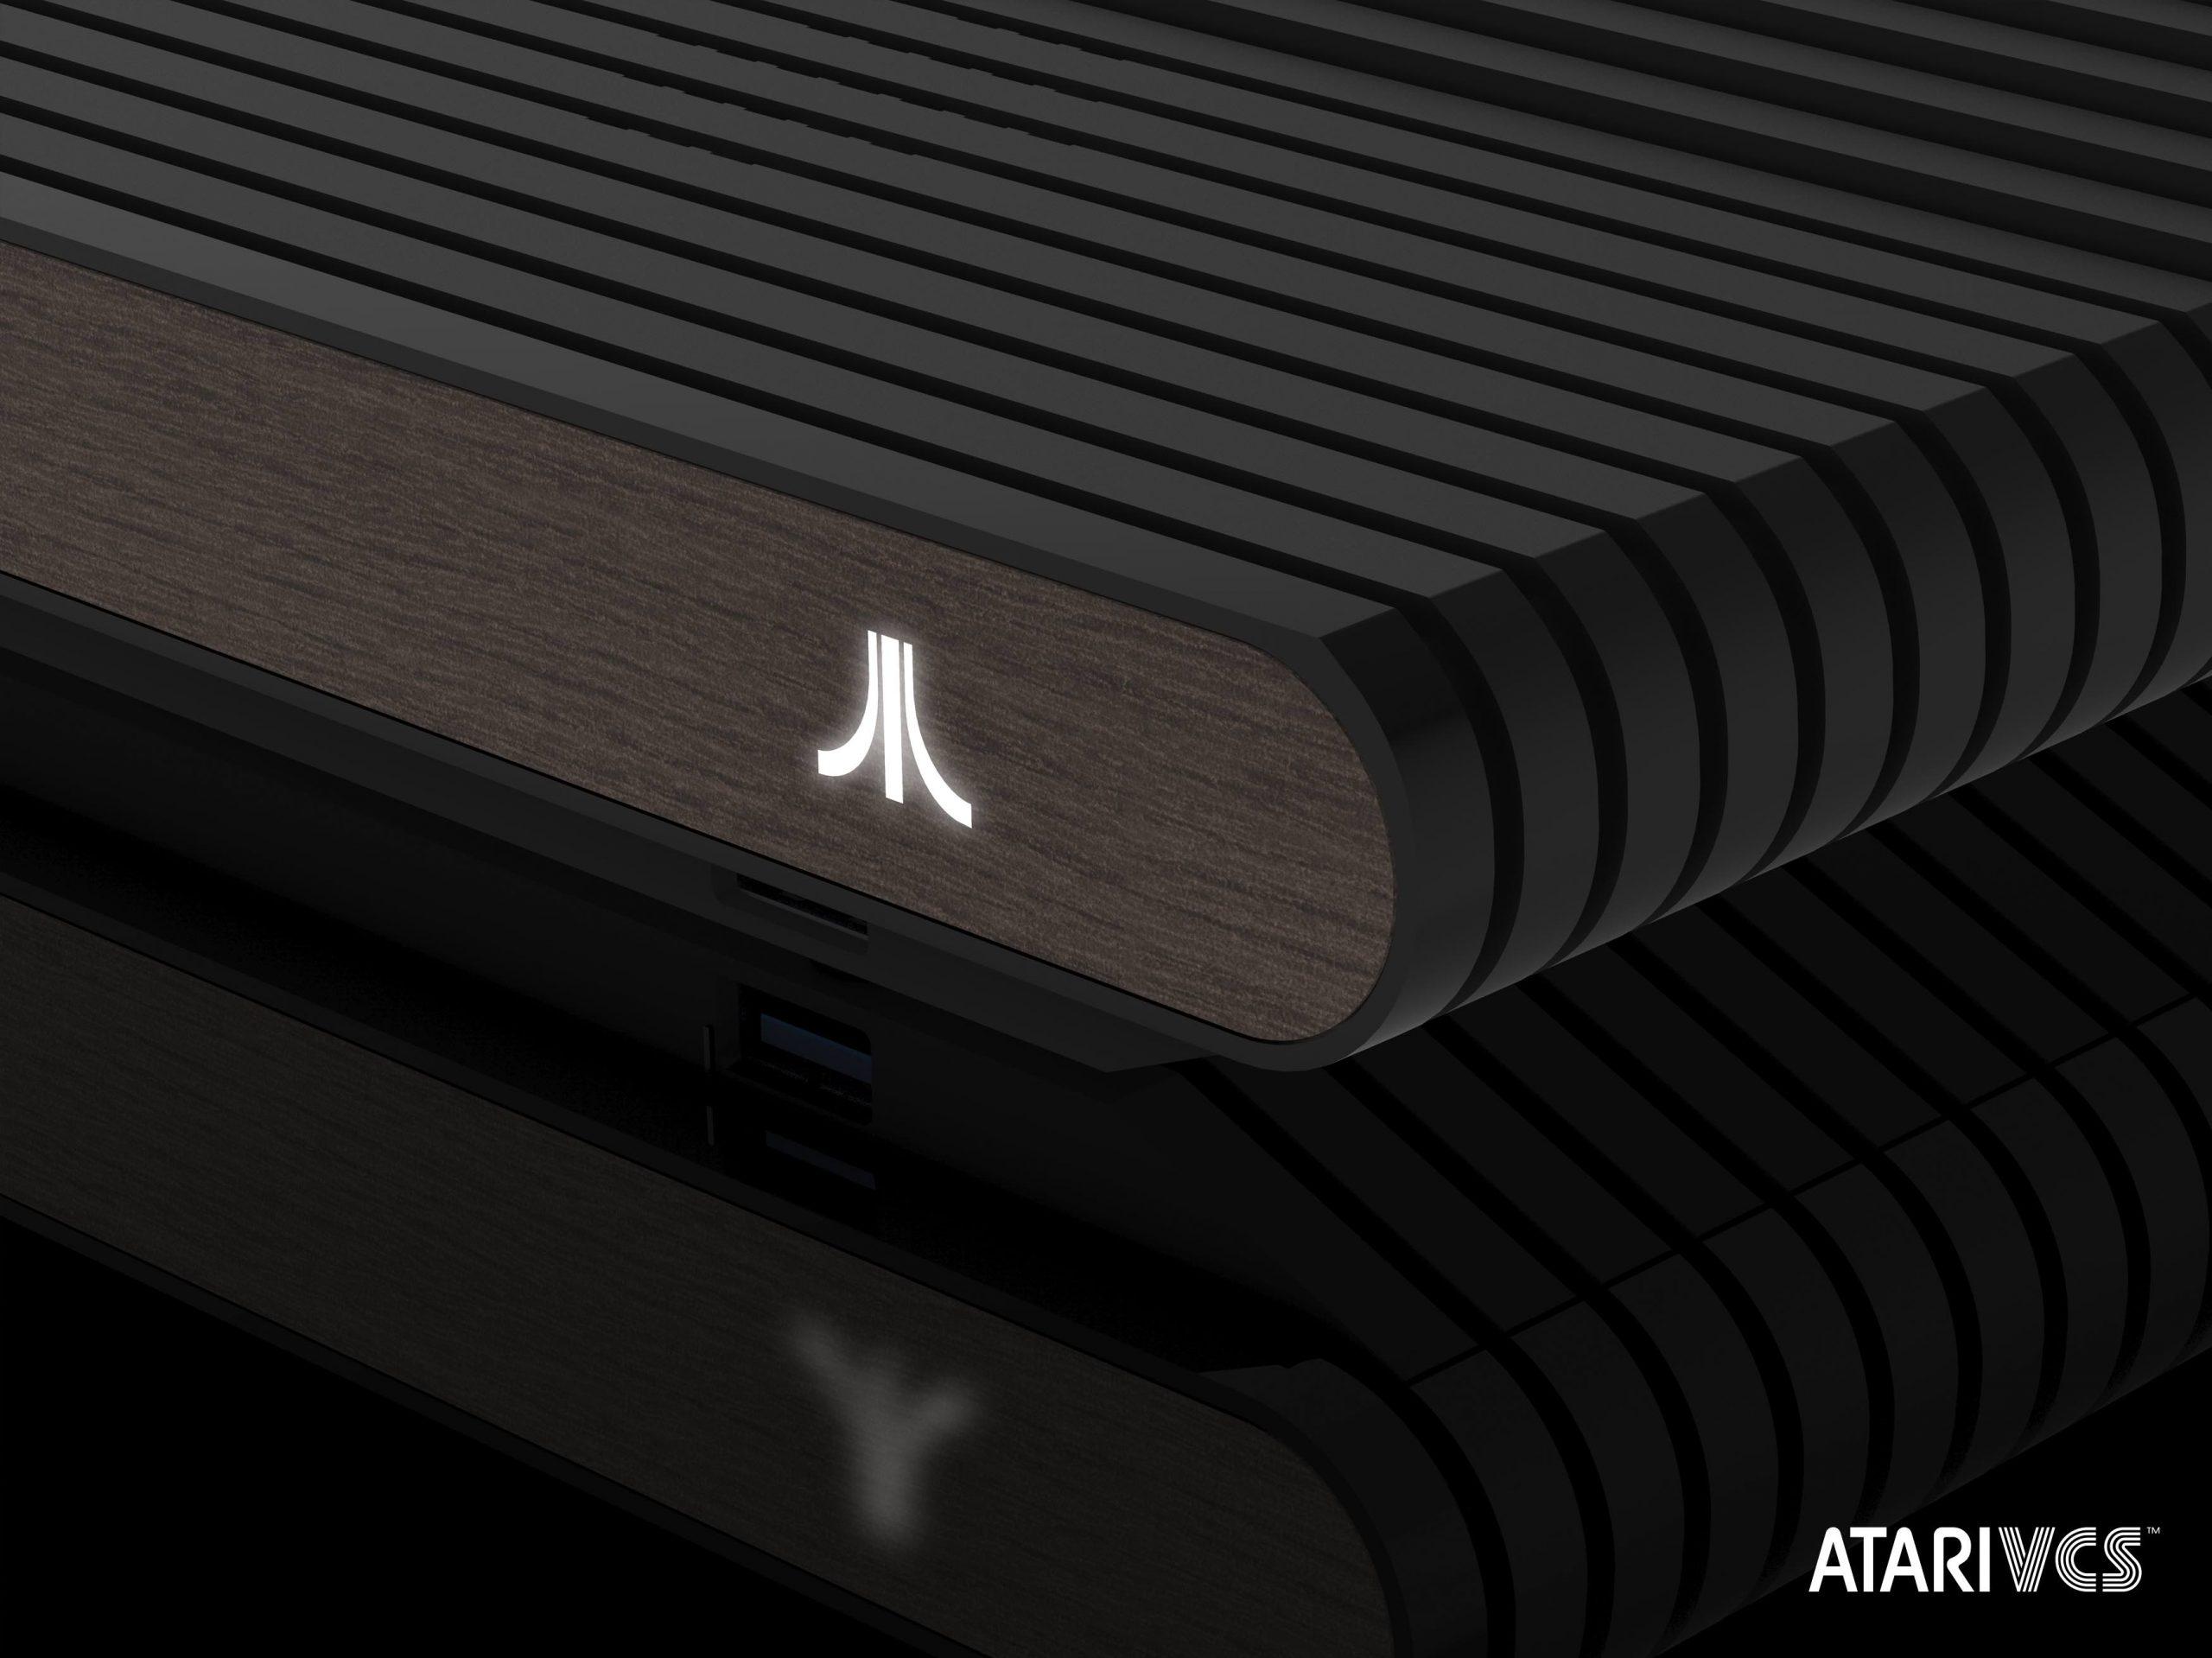 Atari VCS giugno